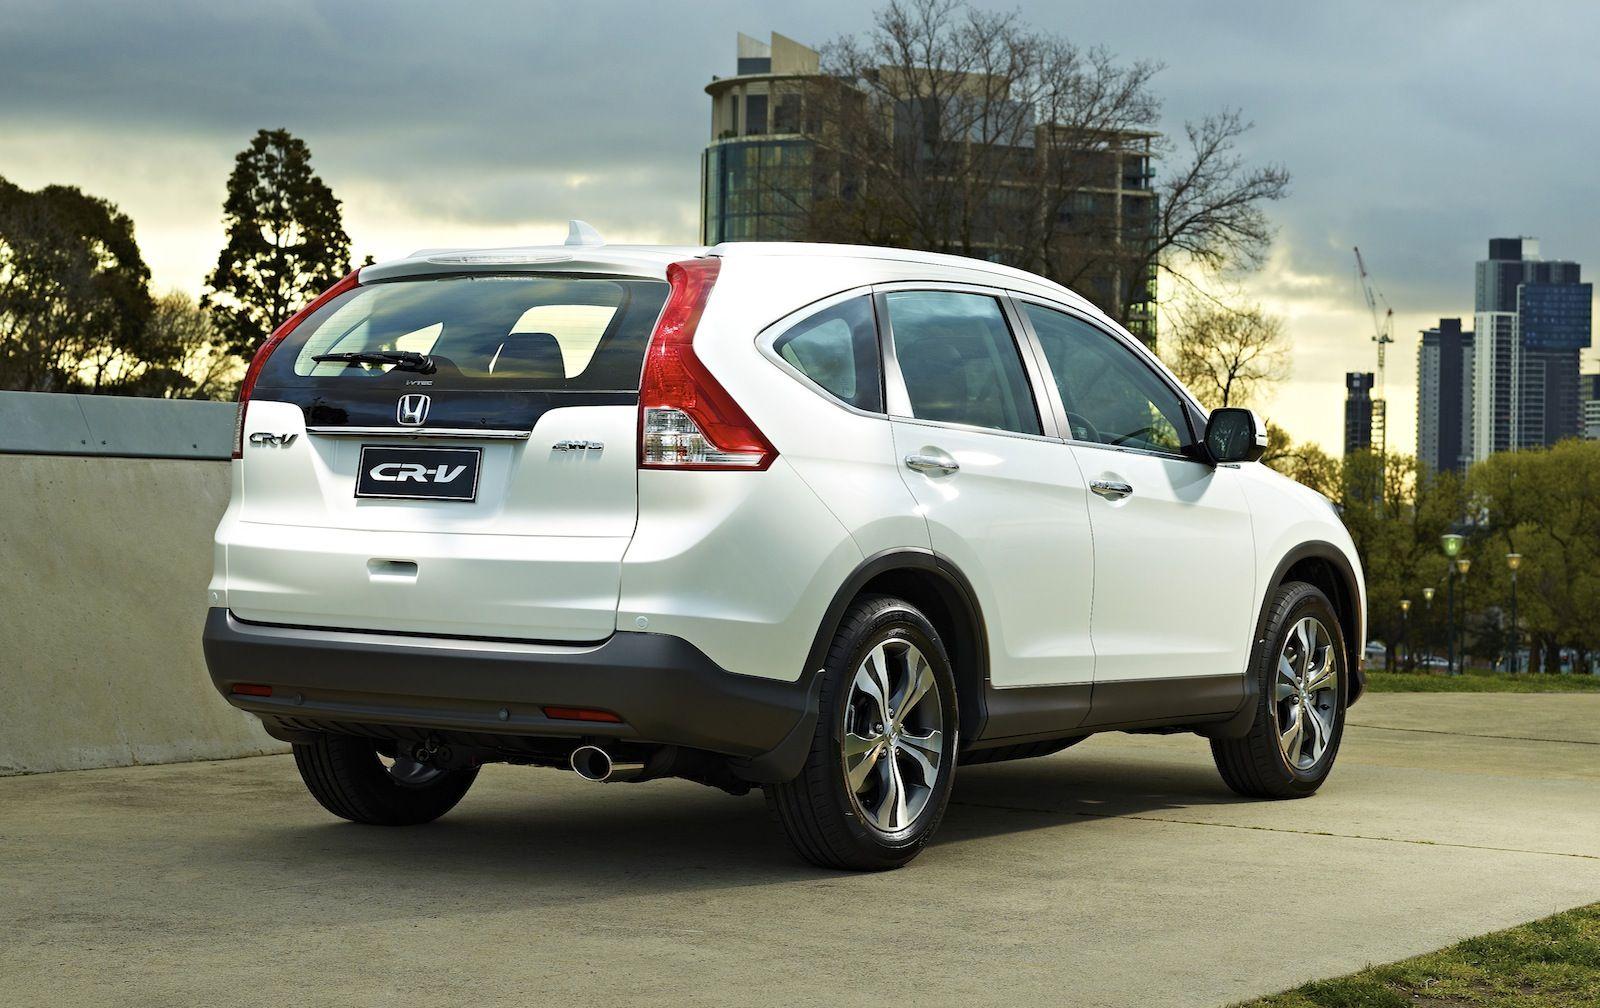 Honda crv white color hondacrv honda hondacars